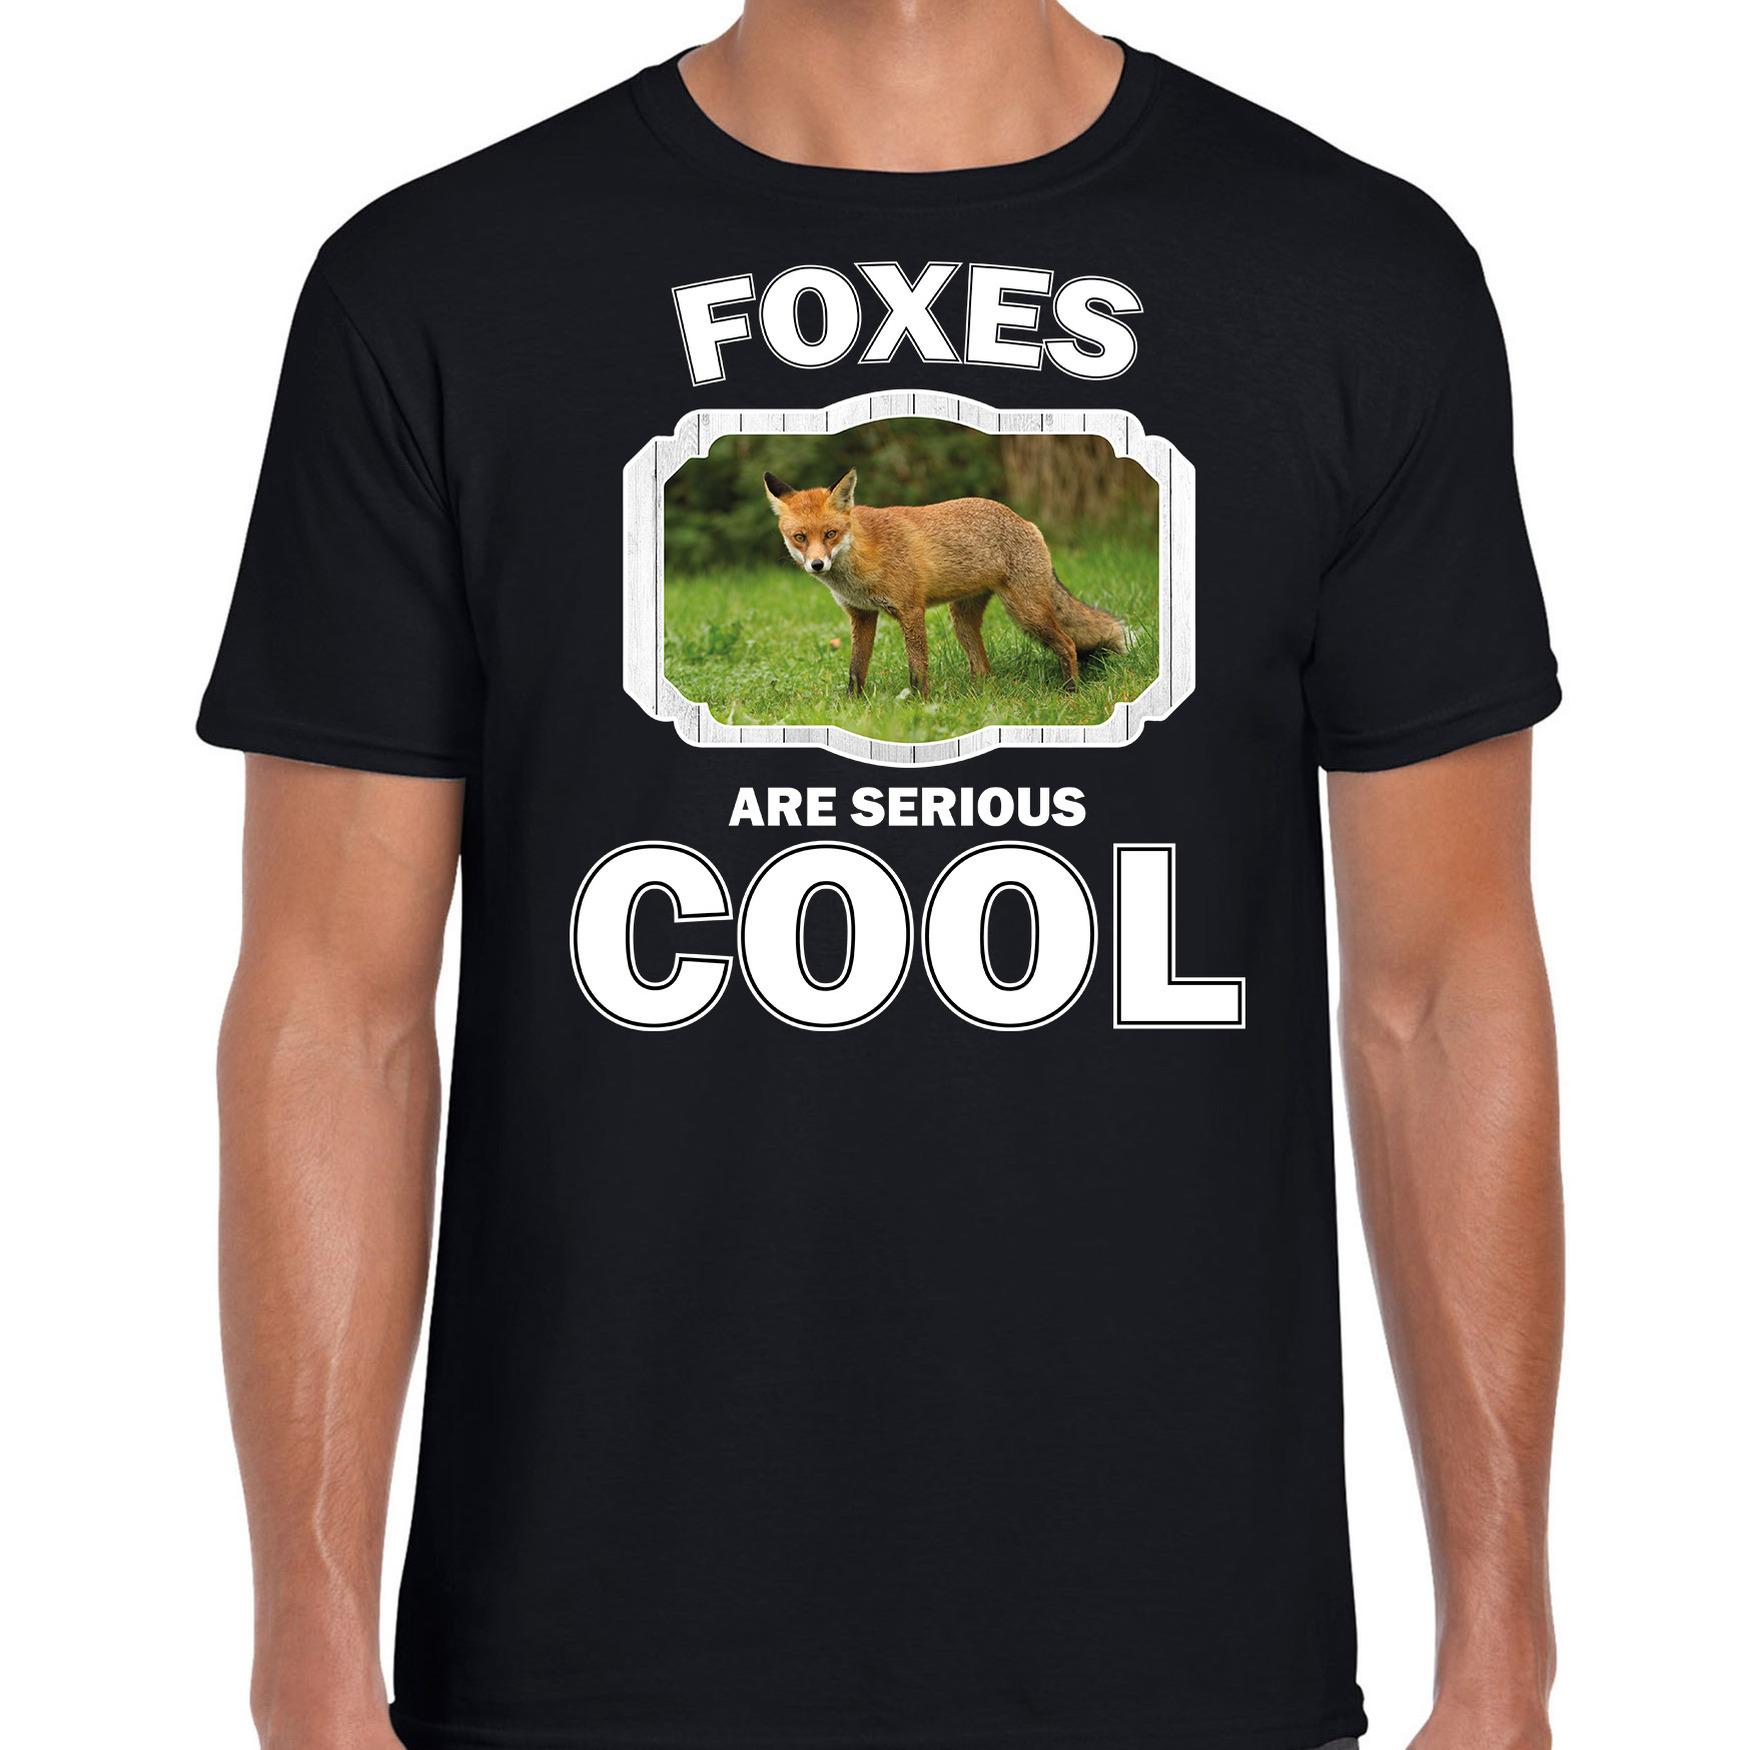 T-shirt foxes are serious cool zwart heren - vossen/ bruine vos shirt